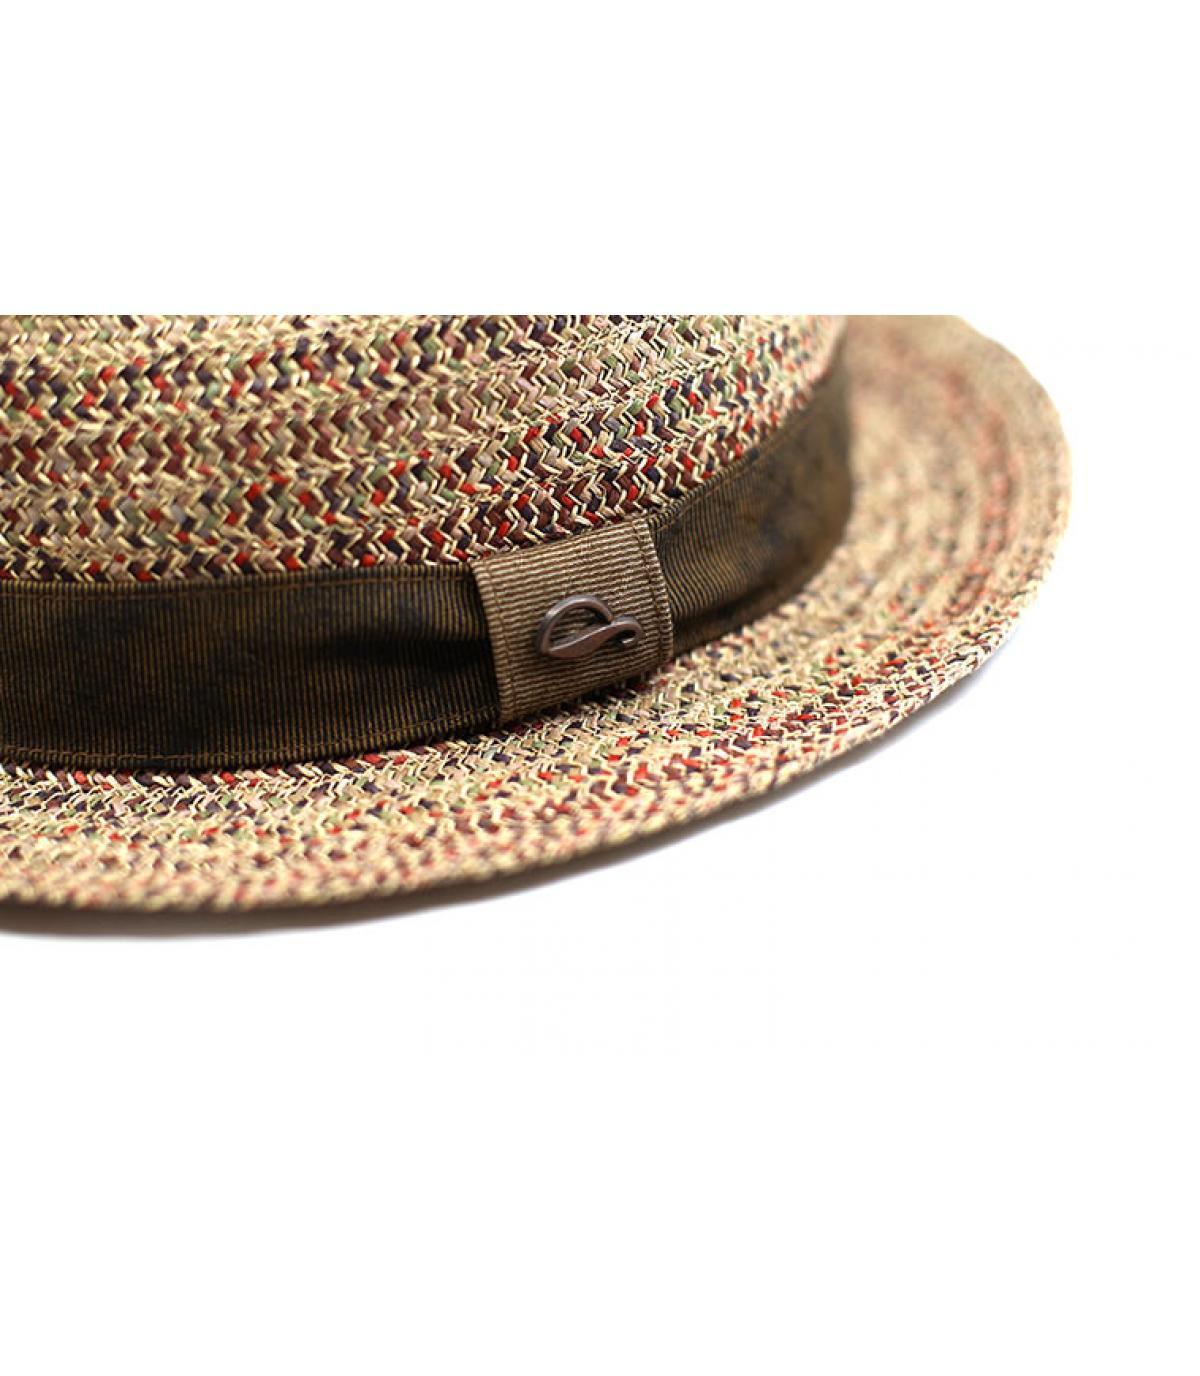 Détails Newman rouille brown - image 4